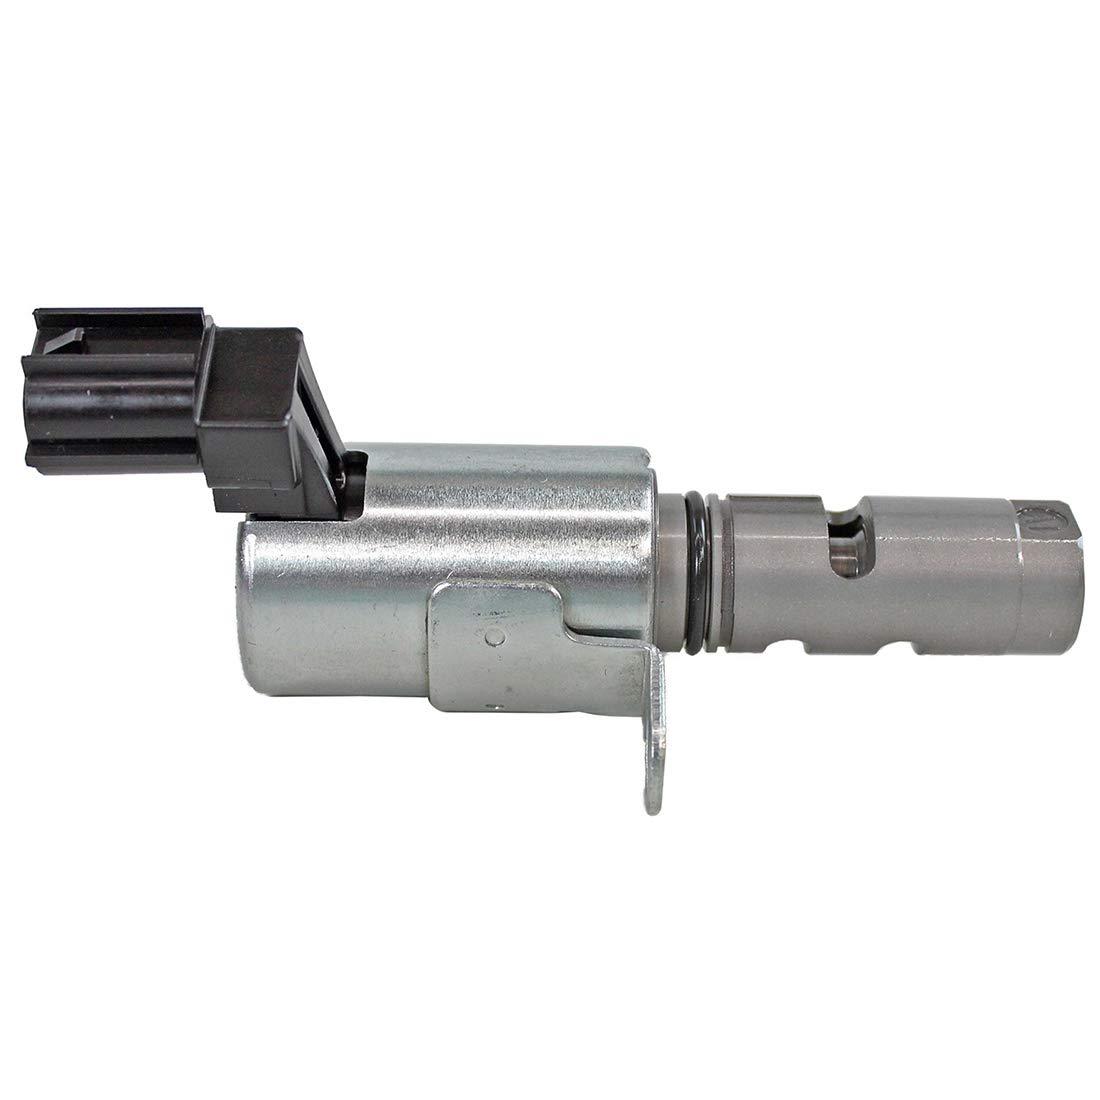 DOHC L4 DNJ VTS1043 Variable Timing Solenoid for 2011-2013 1.6L 16V 97cid Ford//Fiesta TiVCT//VIN J